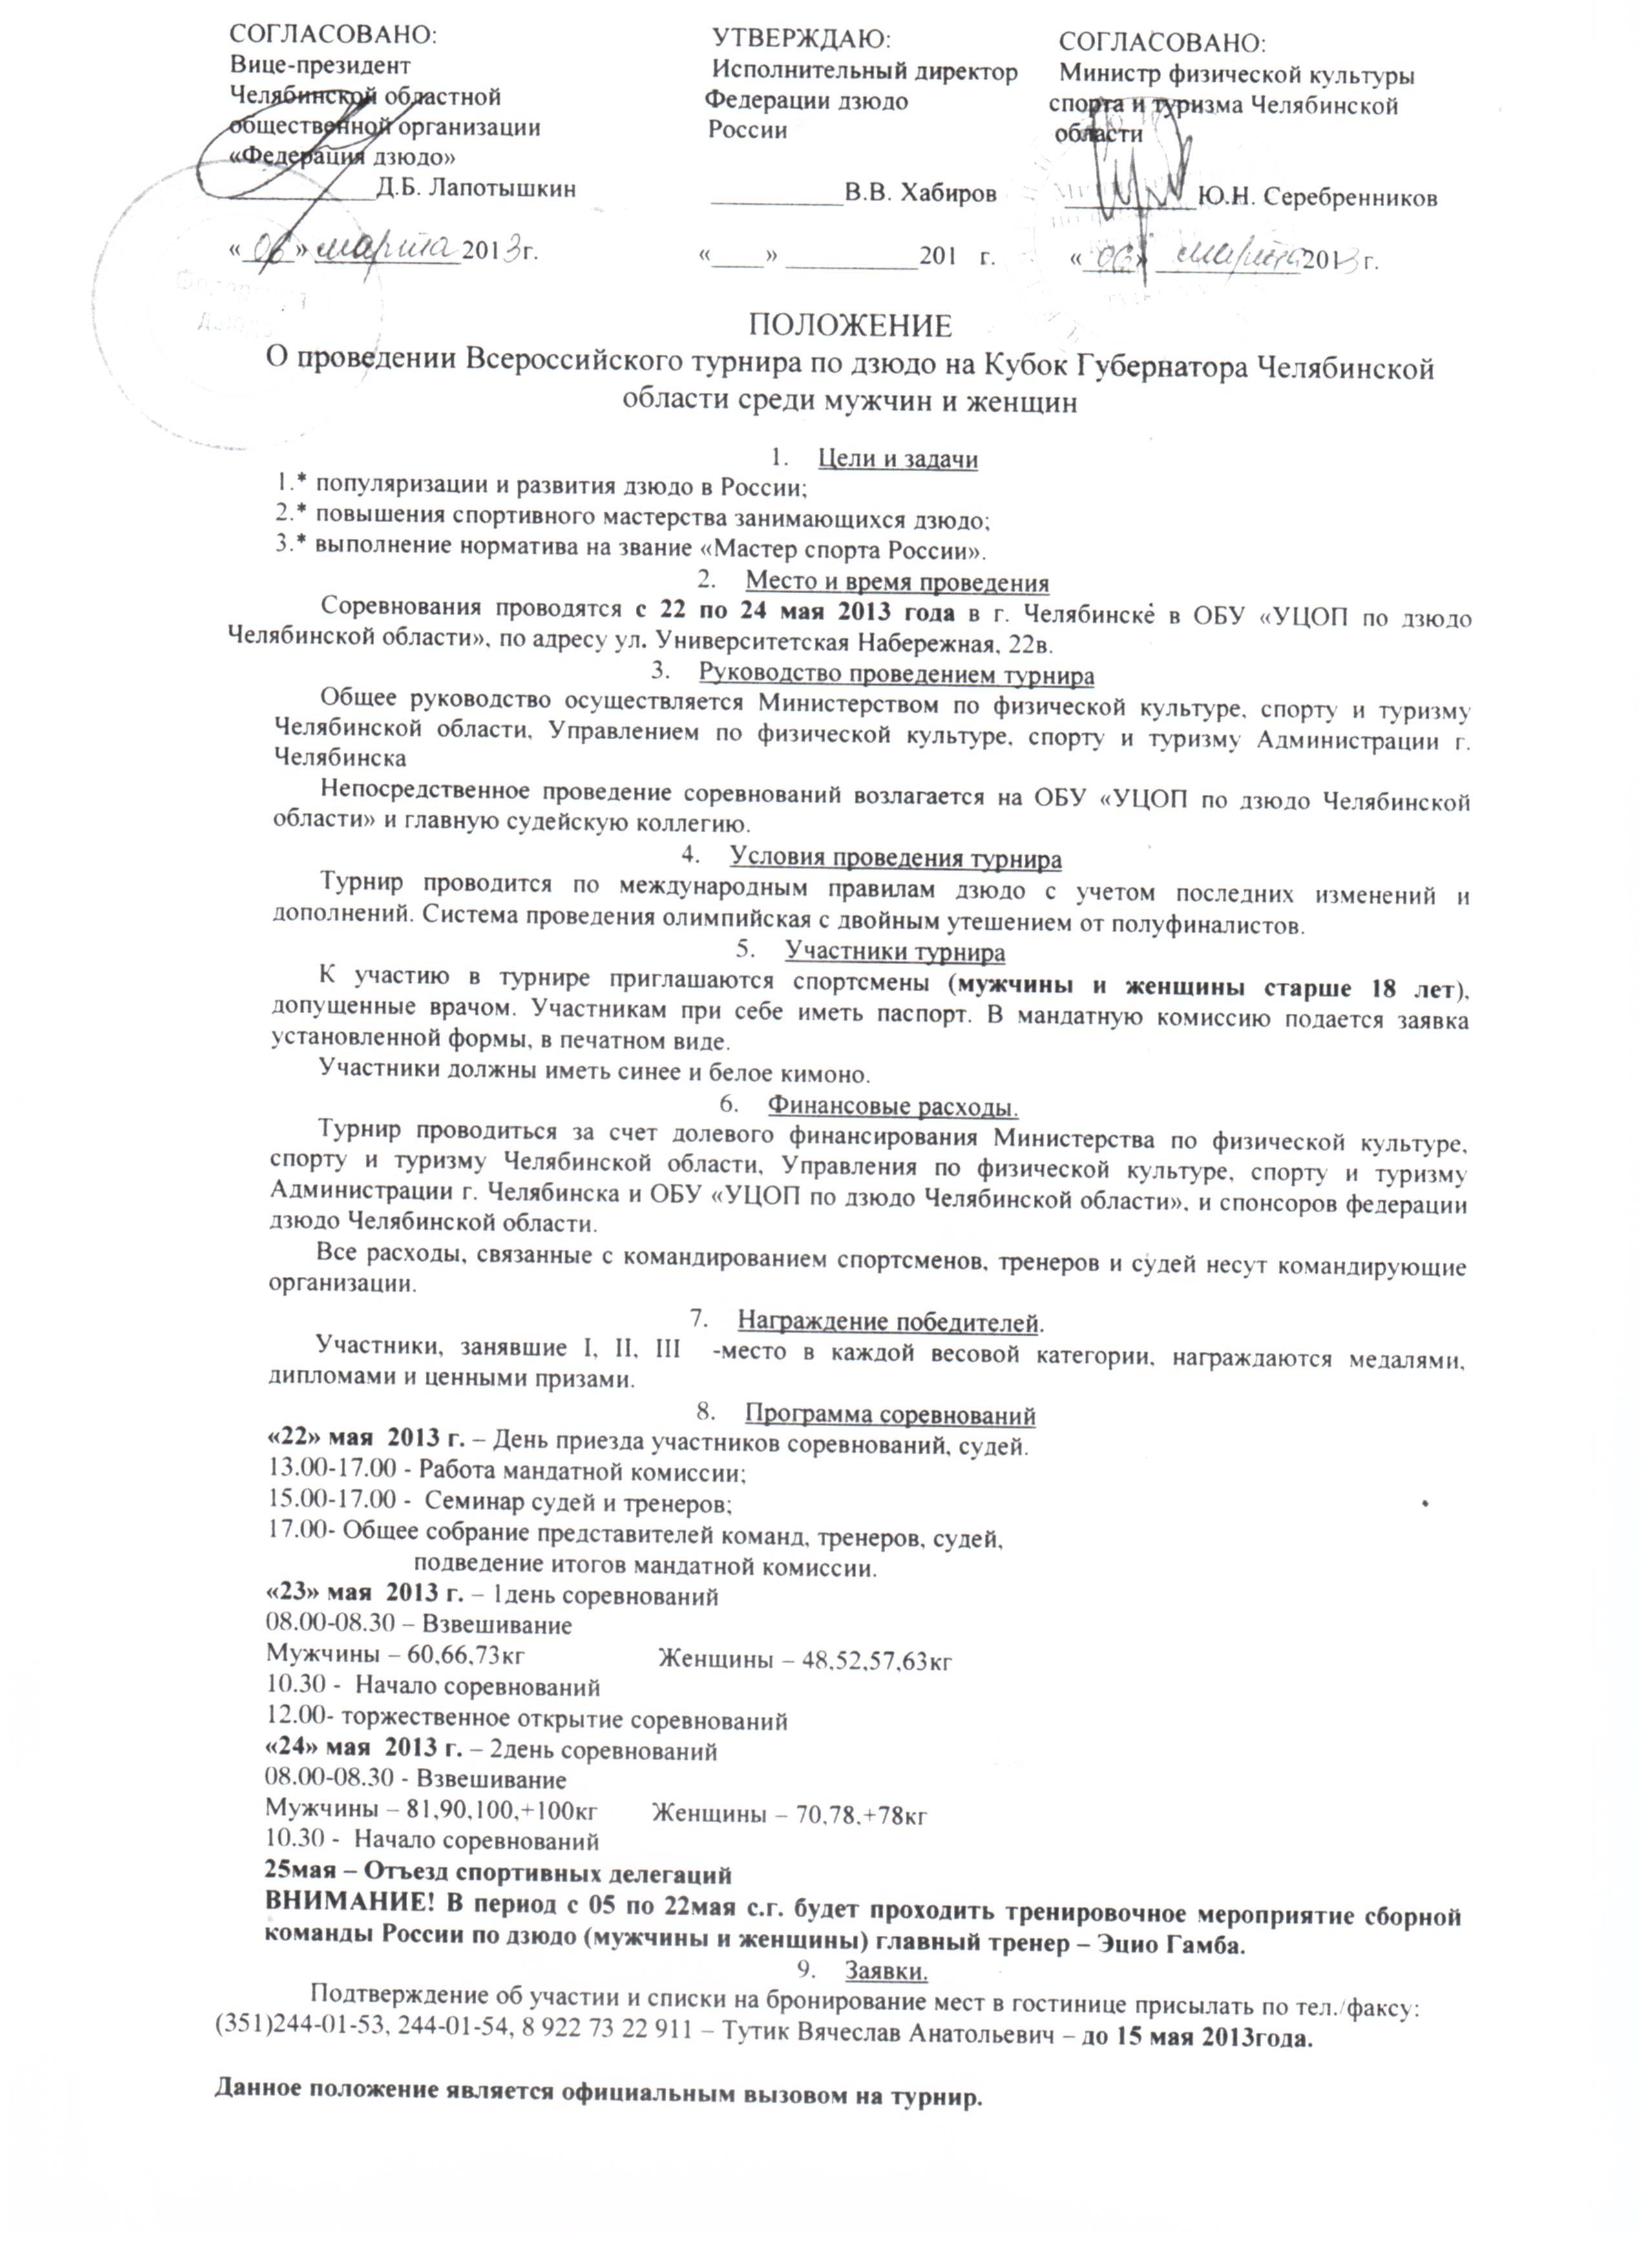 Положение о Кубке губернатора Челябинской области-2013